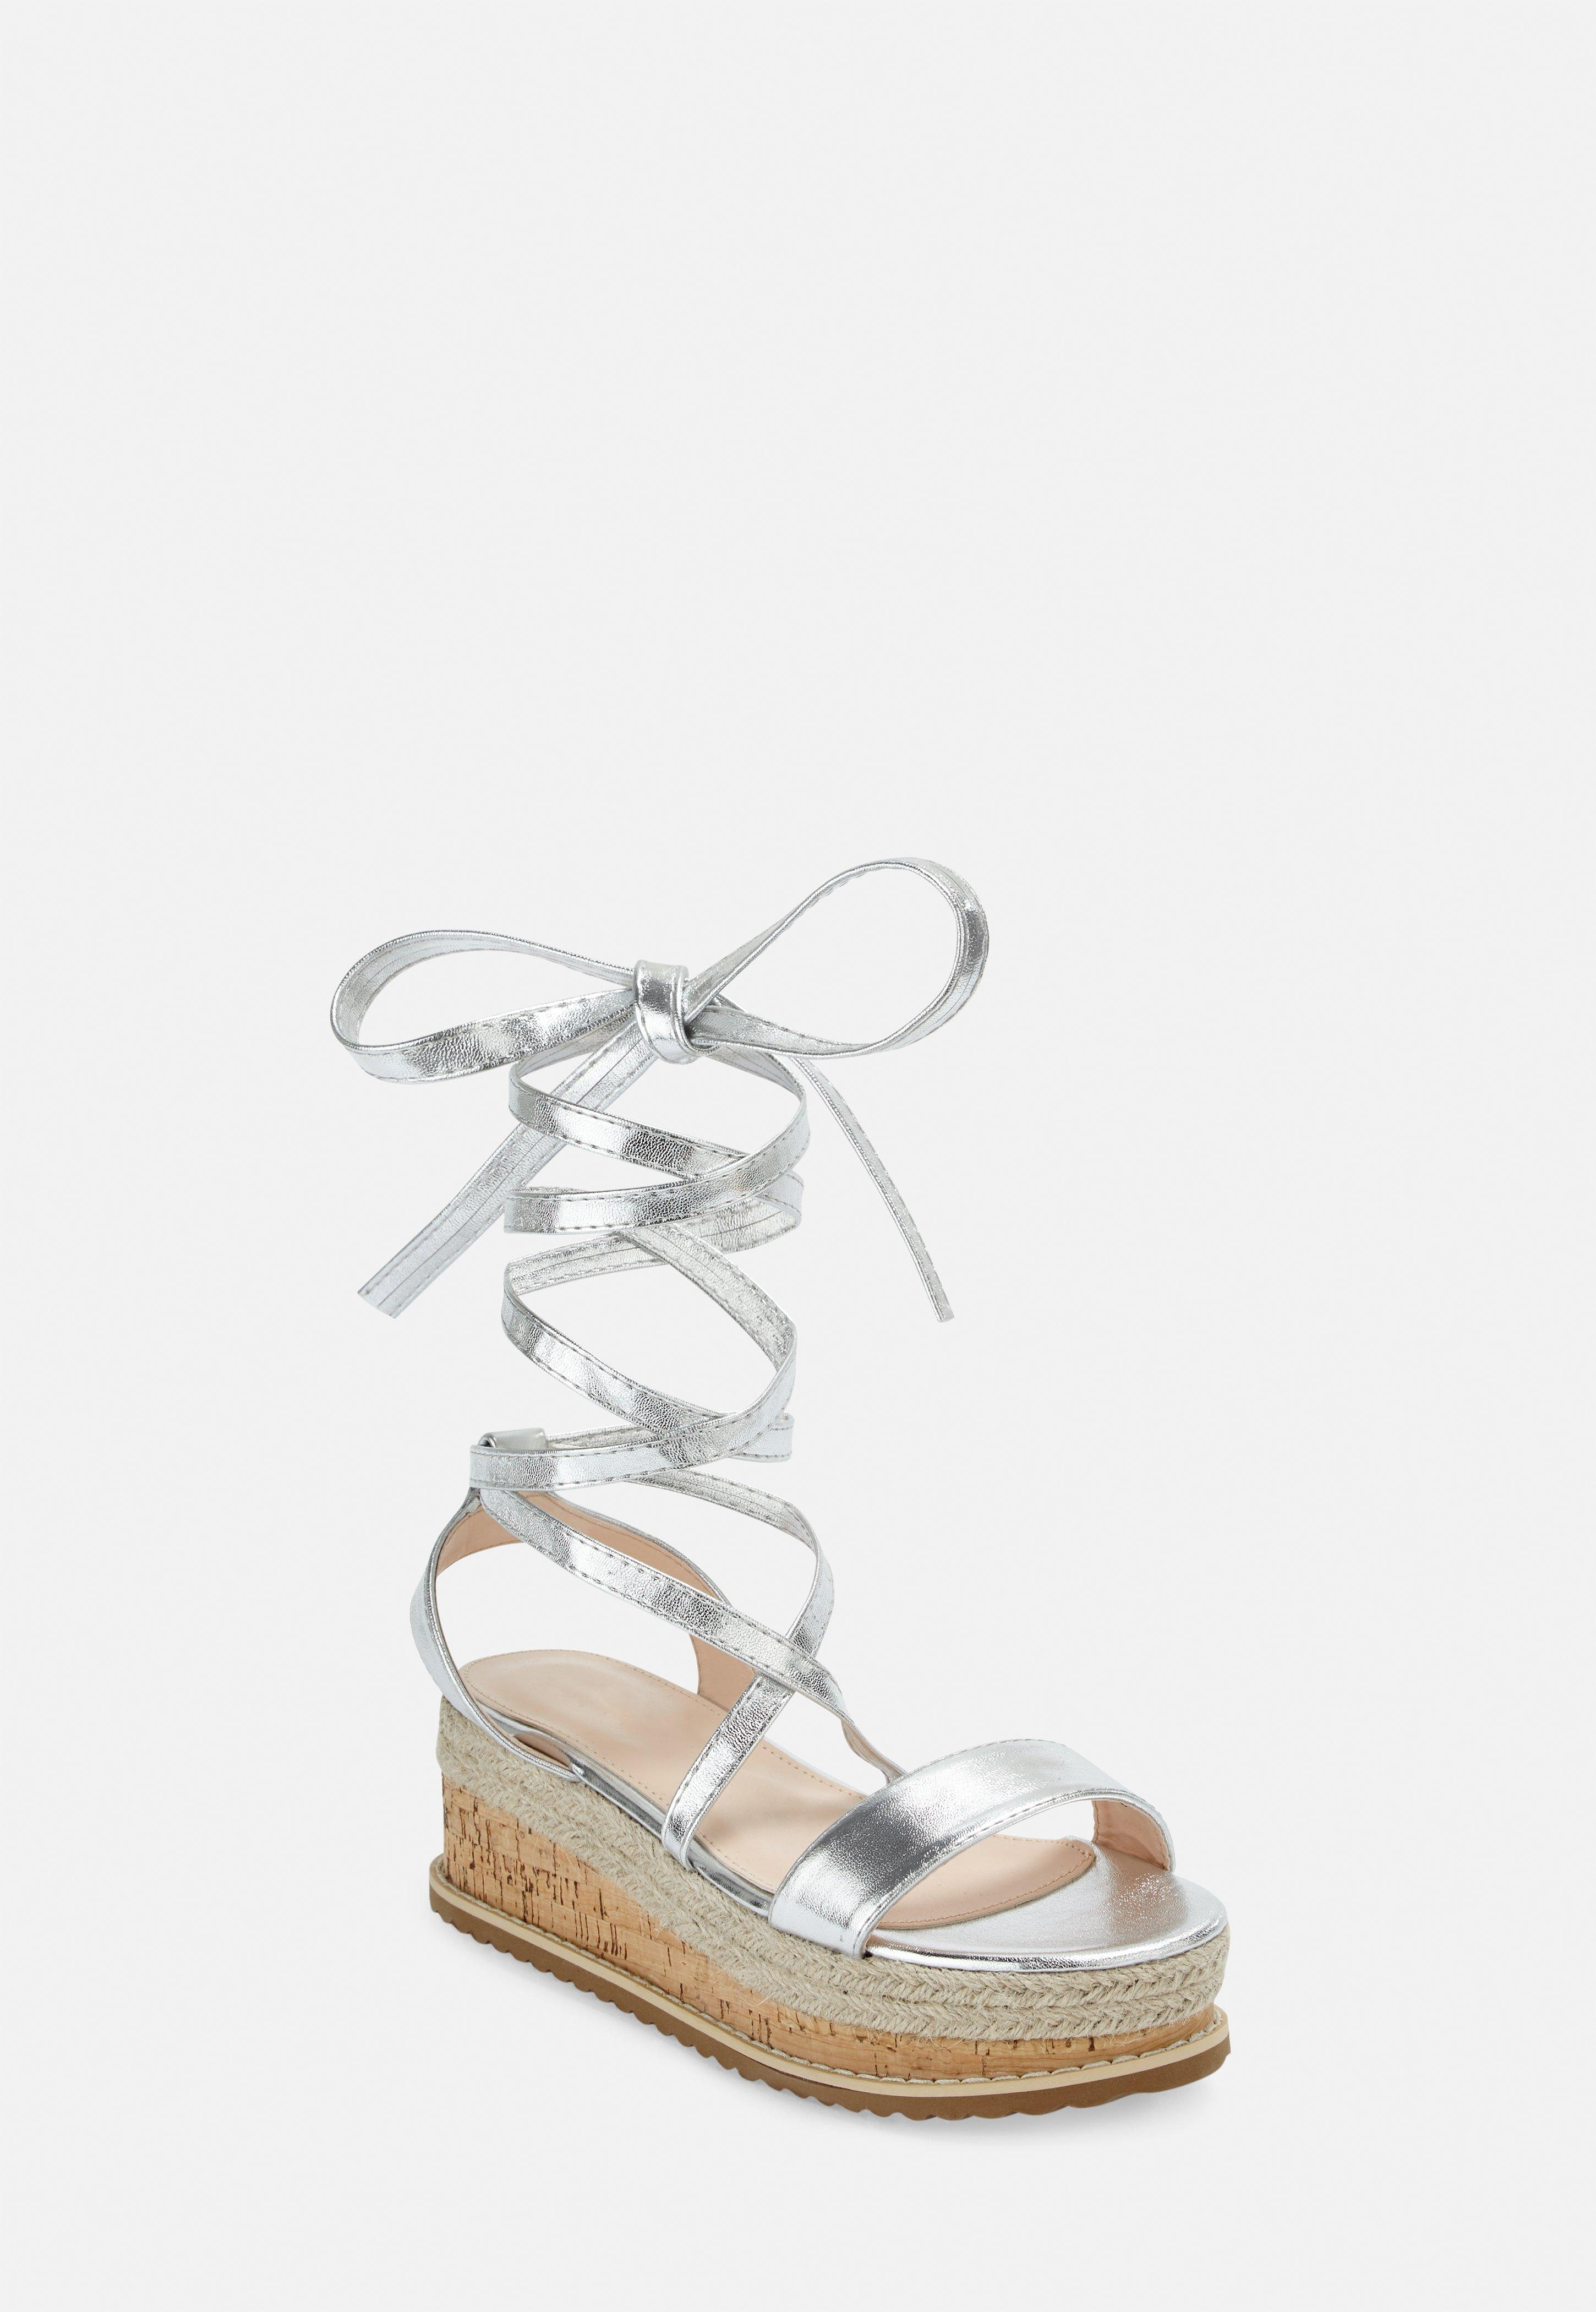 1c09de496 Shoes | Women's Footwear Online UK - Missguided